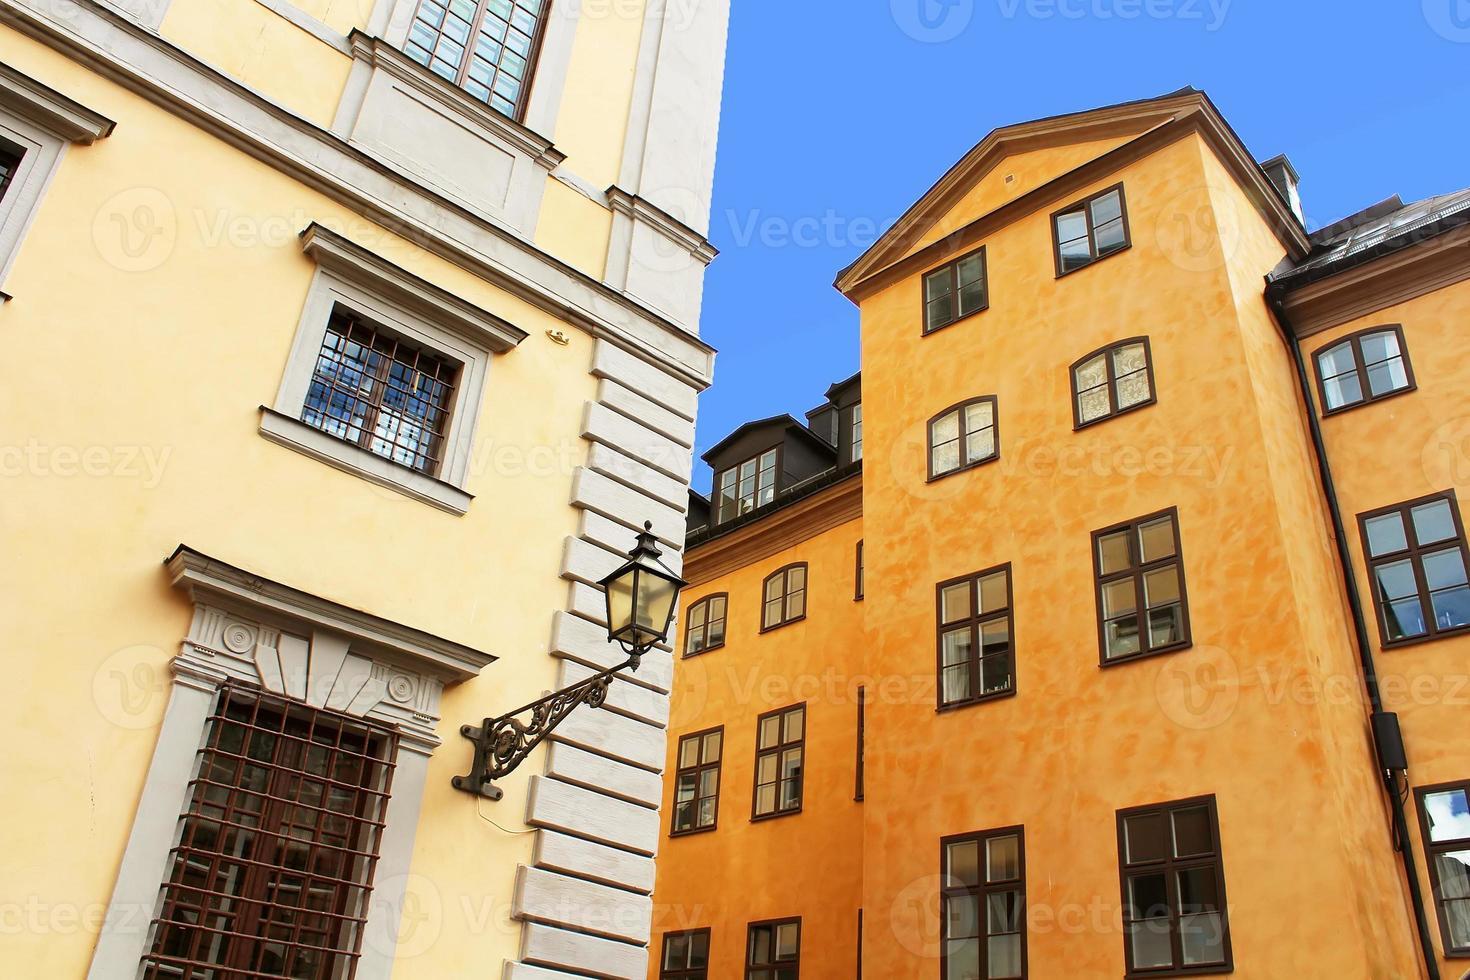 alte Gebäude und Laterne, Stockholm, Schweden foto